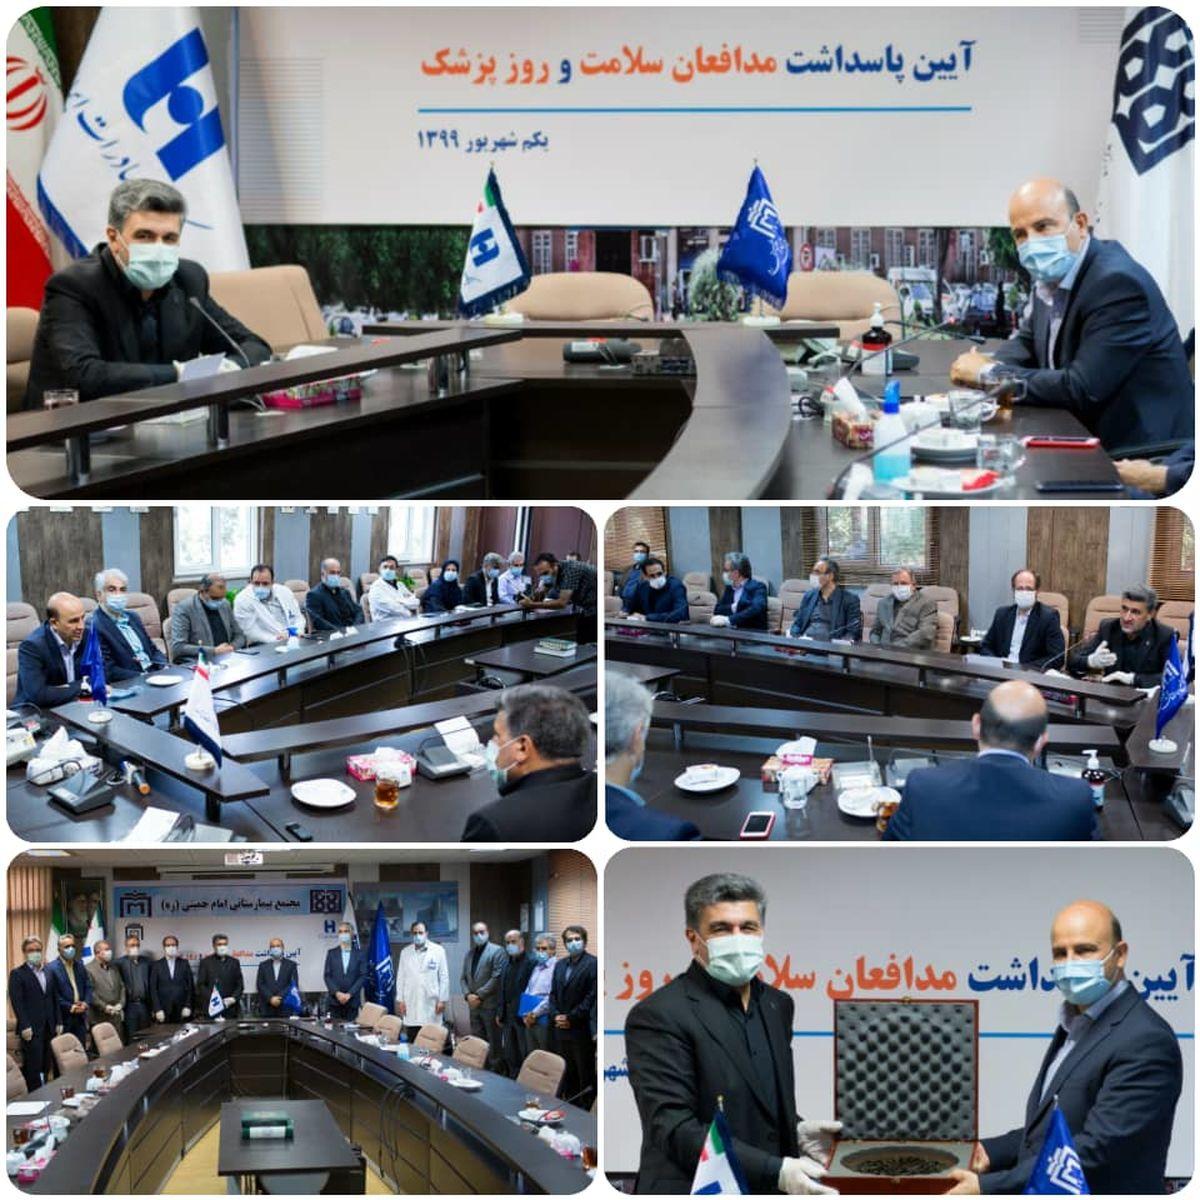 بانک صادرات ایران به چهار هزار مدافع سلامت تسهیلات پرداخت کرد